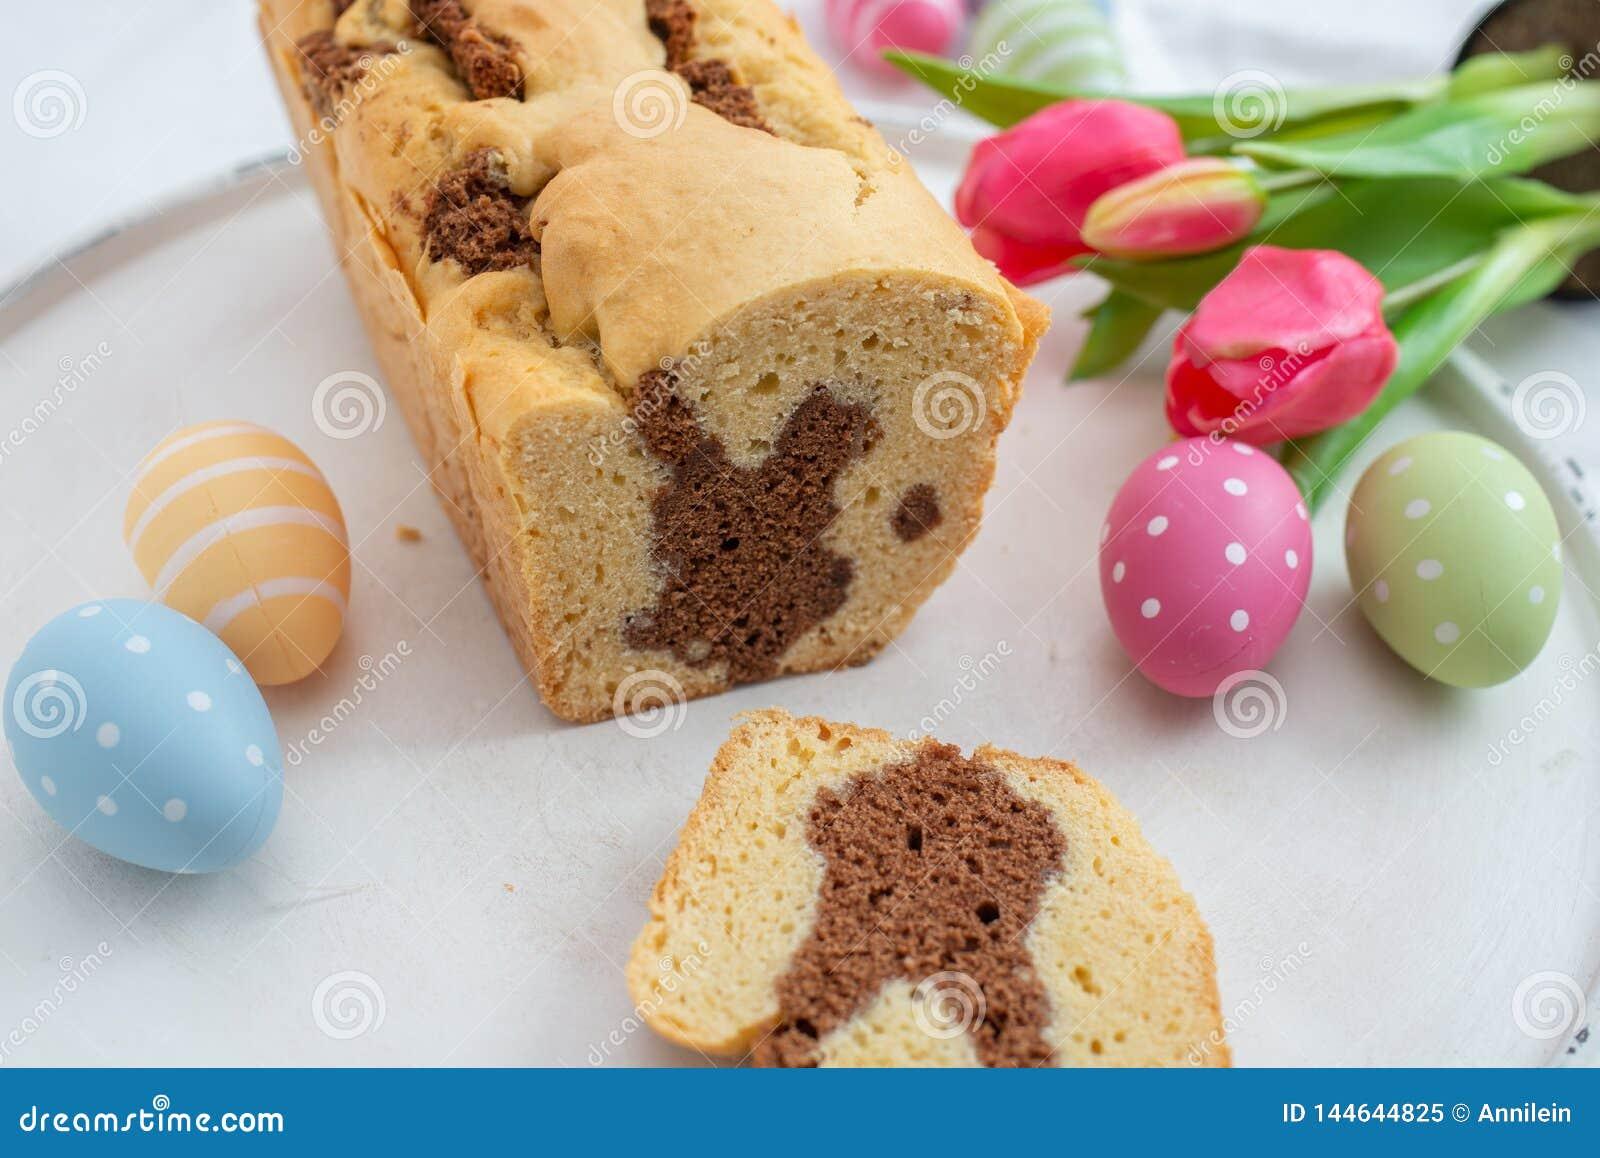 Ny bakad påsk Bunny Cake